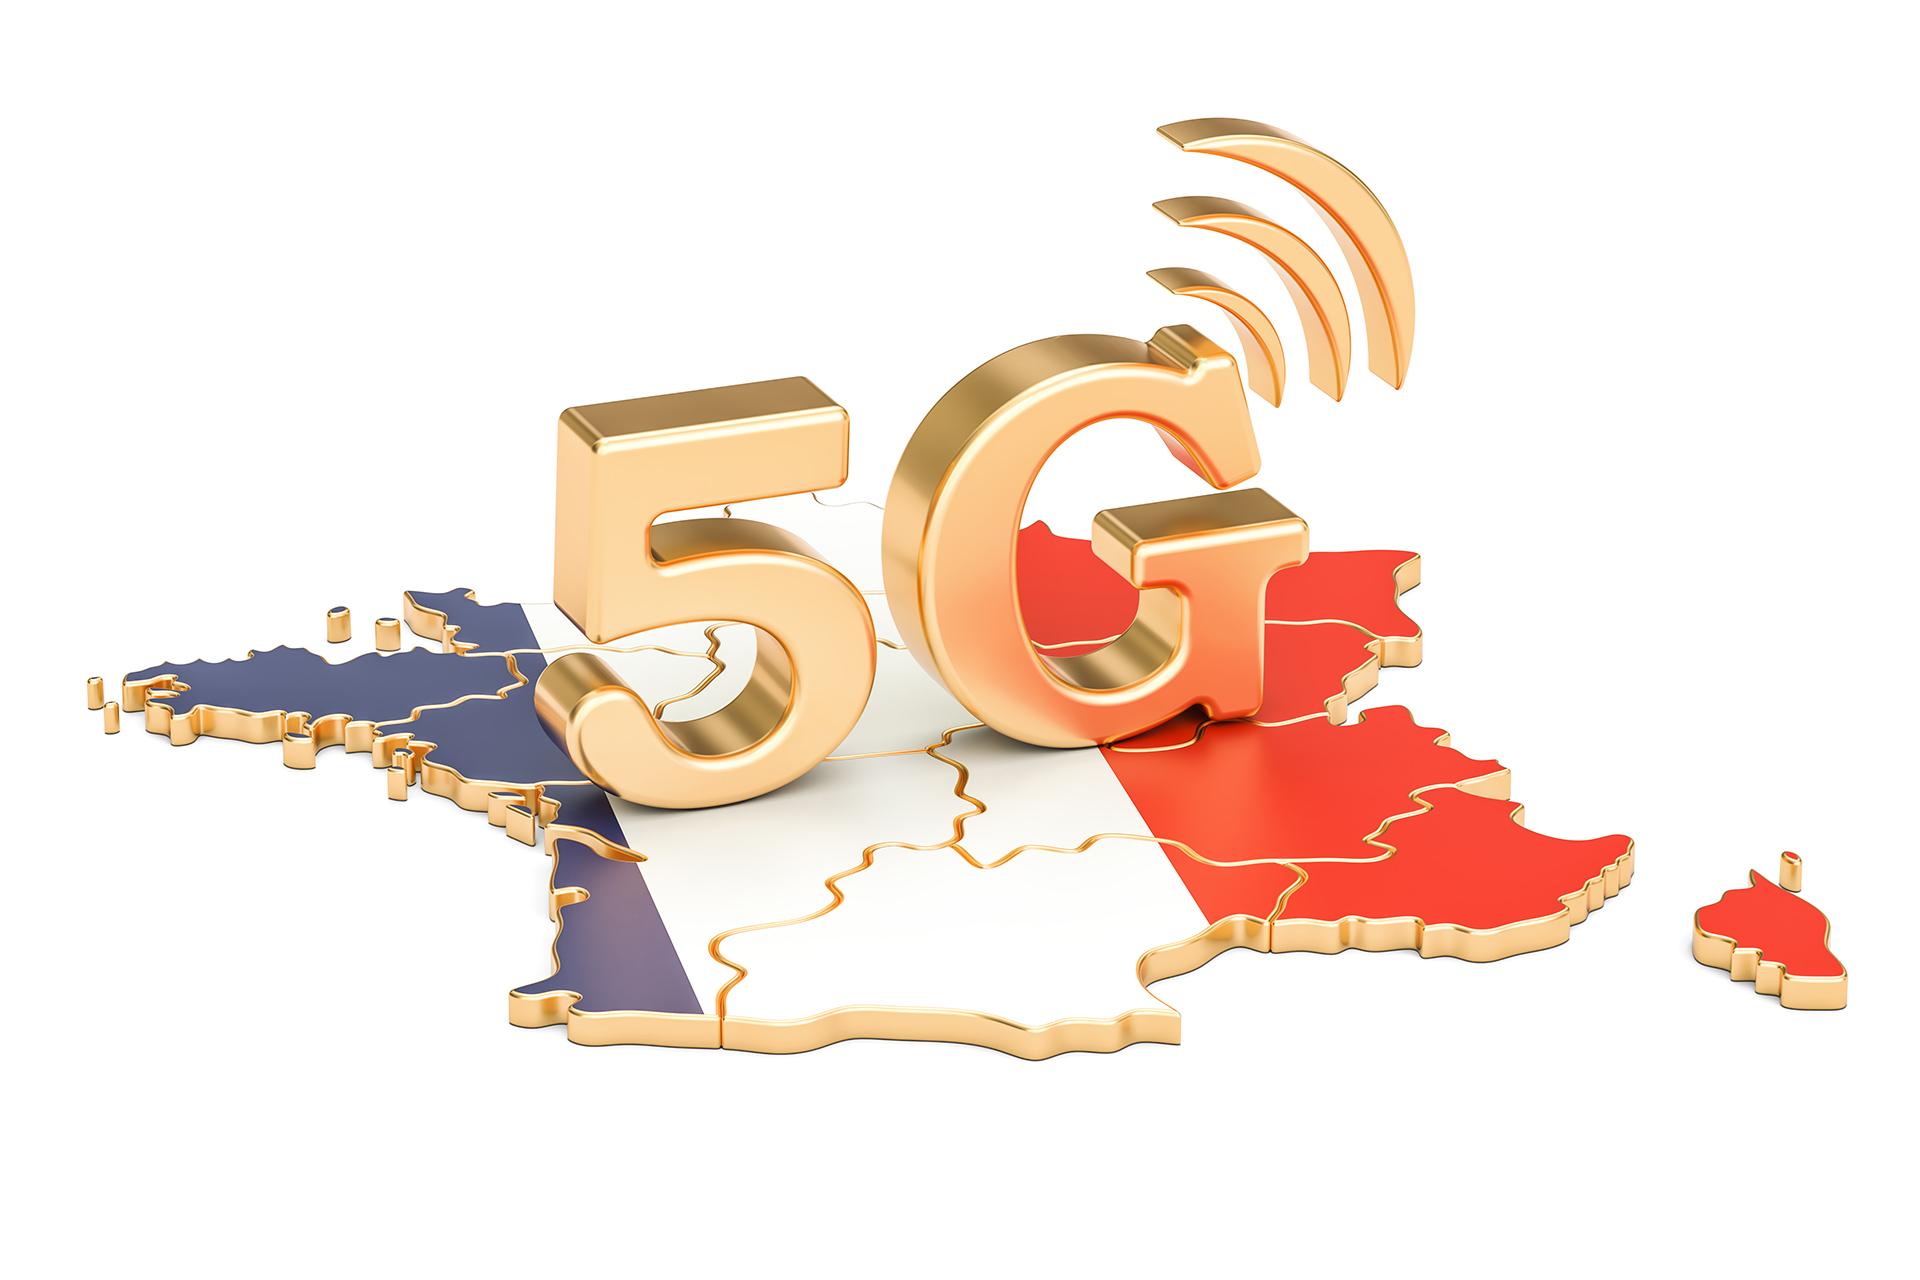 5G France